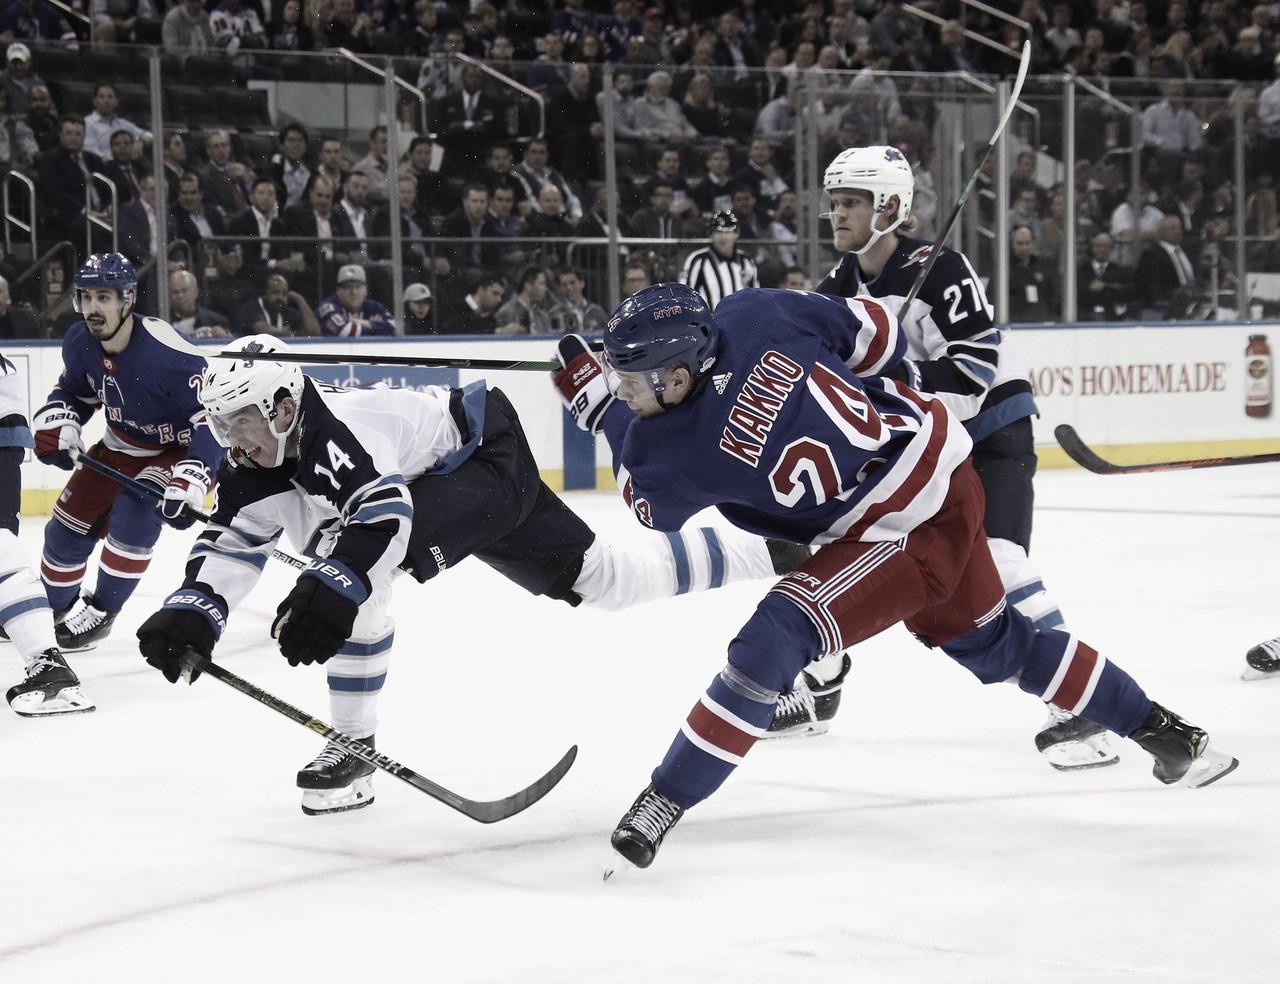 Nueva York quiere hacer brillar a su hockey